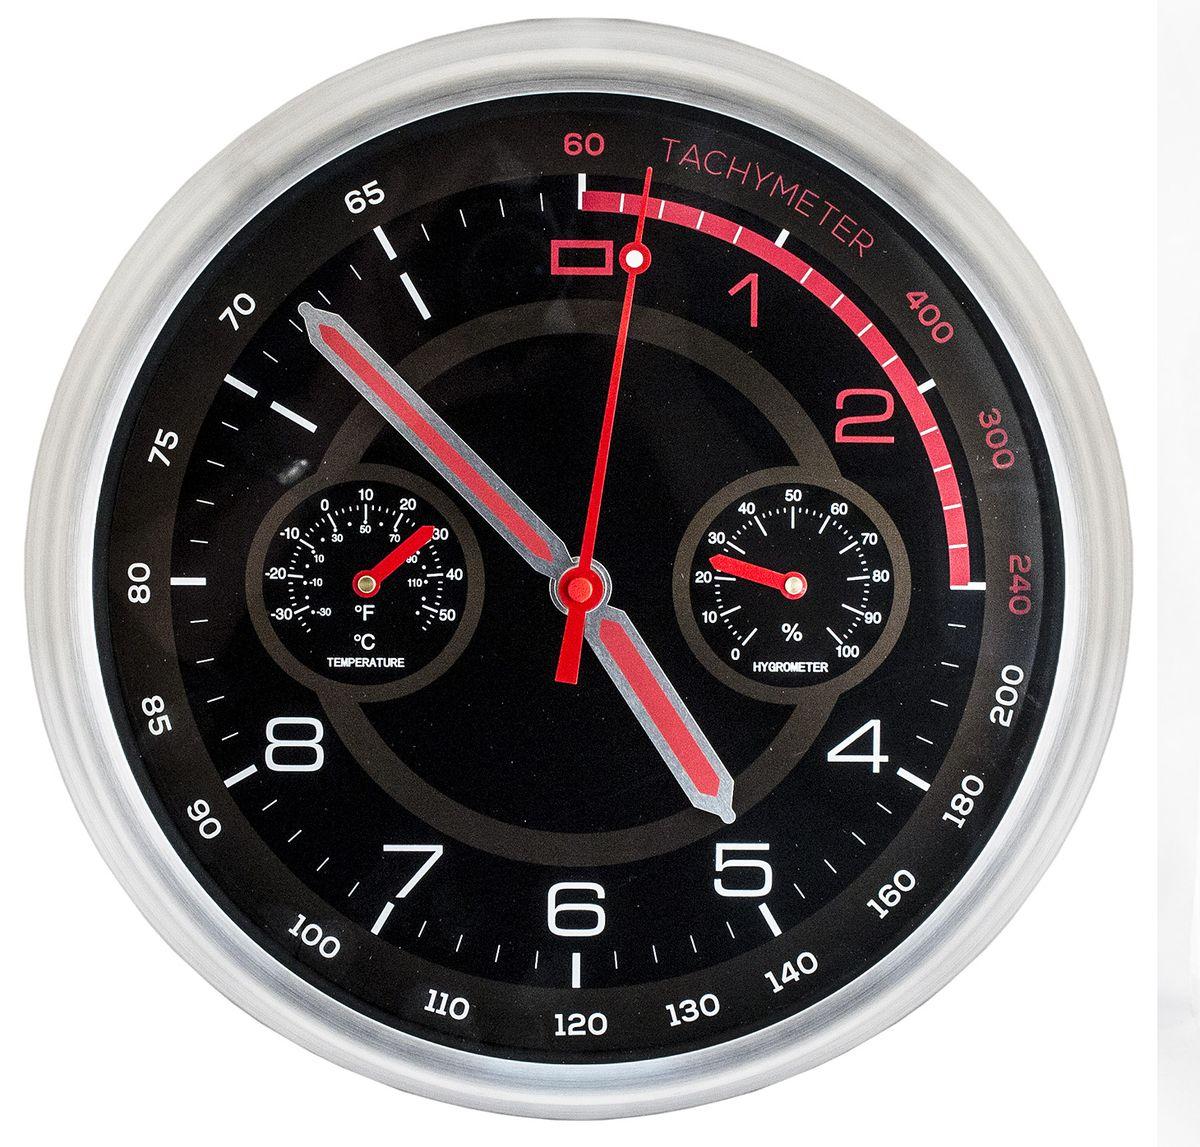 Часы настенные Эврика Спидометр №2, цвет: черный98685Необычные настенные часы стилизованы под прибор автомобильной панели. Они способны информировать обладателя не только о точном времени, но также и температуре воздуха и влажности в помещении. Для сбора этих данных в часы вмонтированы дополнительные циферблаты. Механизм хода прямой, бесшумный. Материал: пластик, металл.Элемент питания 1хАА 1.5 Вольта.